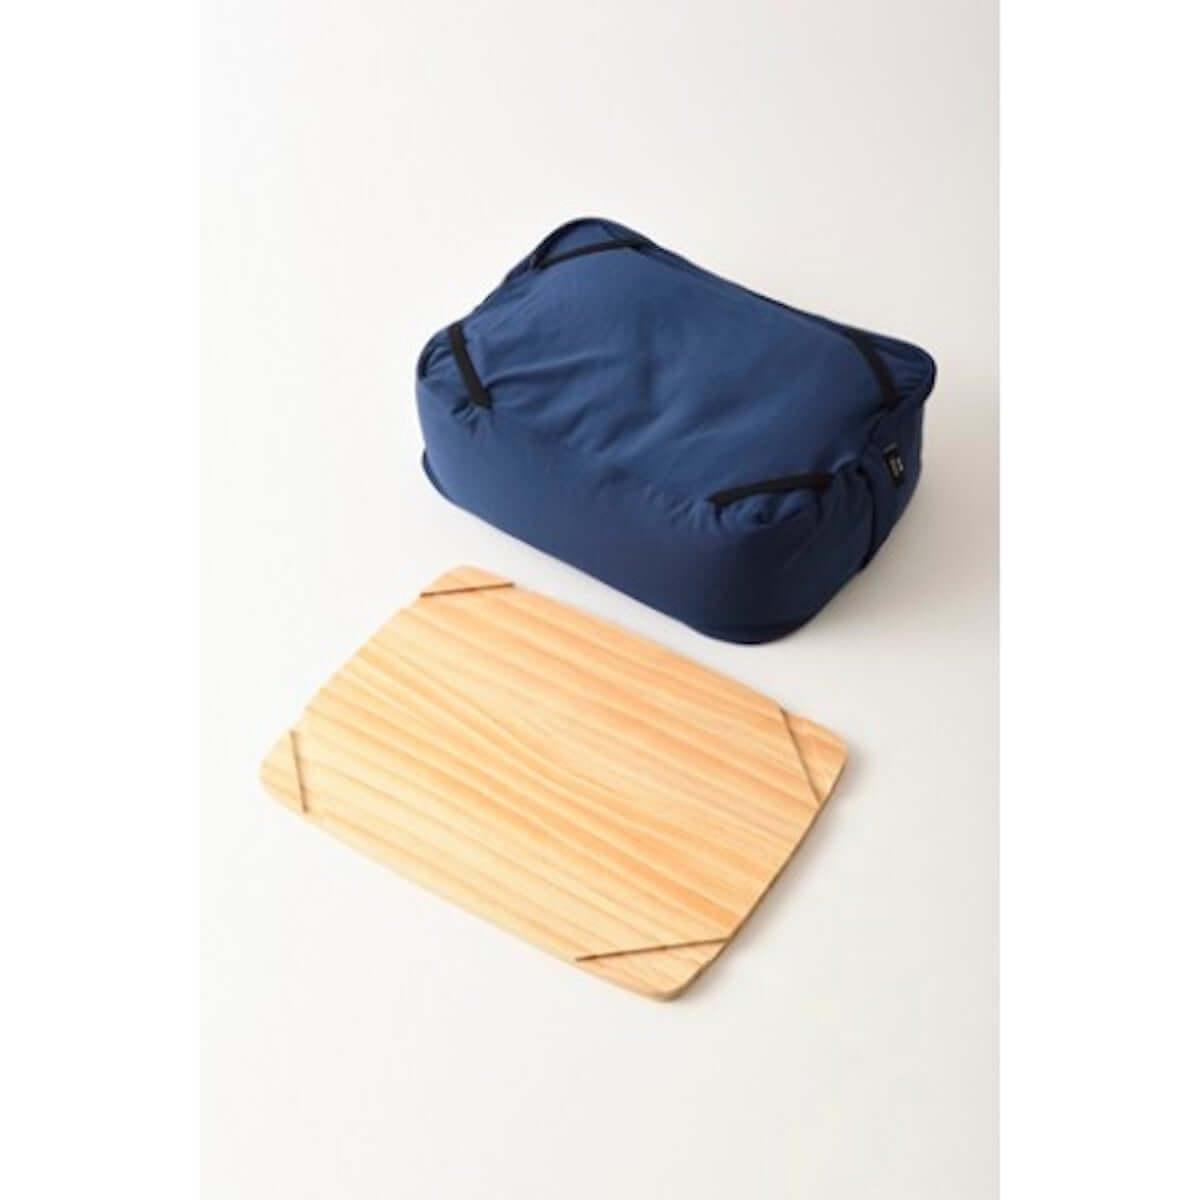 【ズボラ発明】ベッドやソファで活躍する万能携帯クッションテーブルがヴィレヴァンオンラインに登場! life-fashion19018-vvstore-3-1200x1200